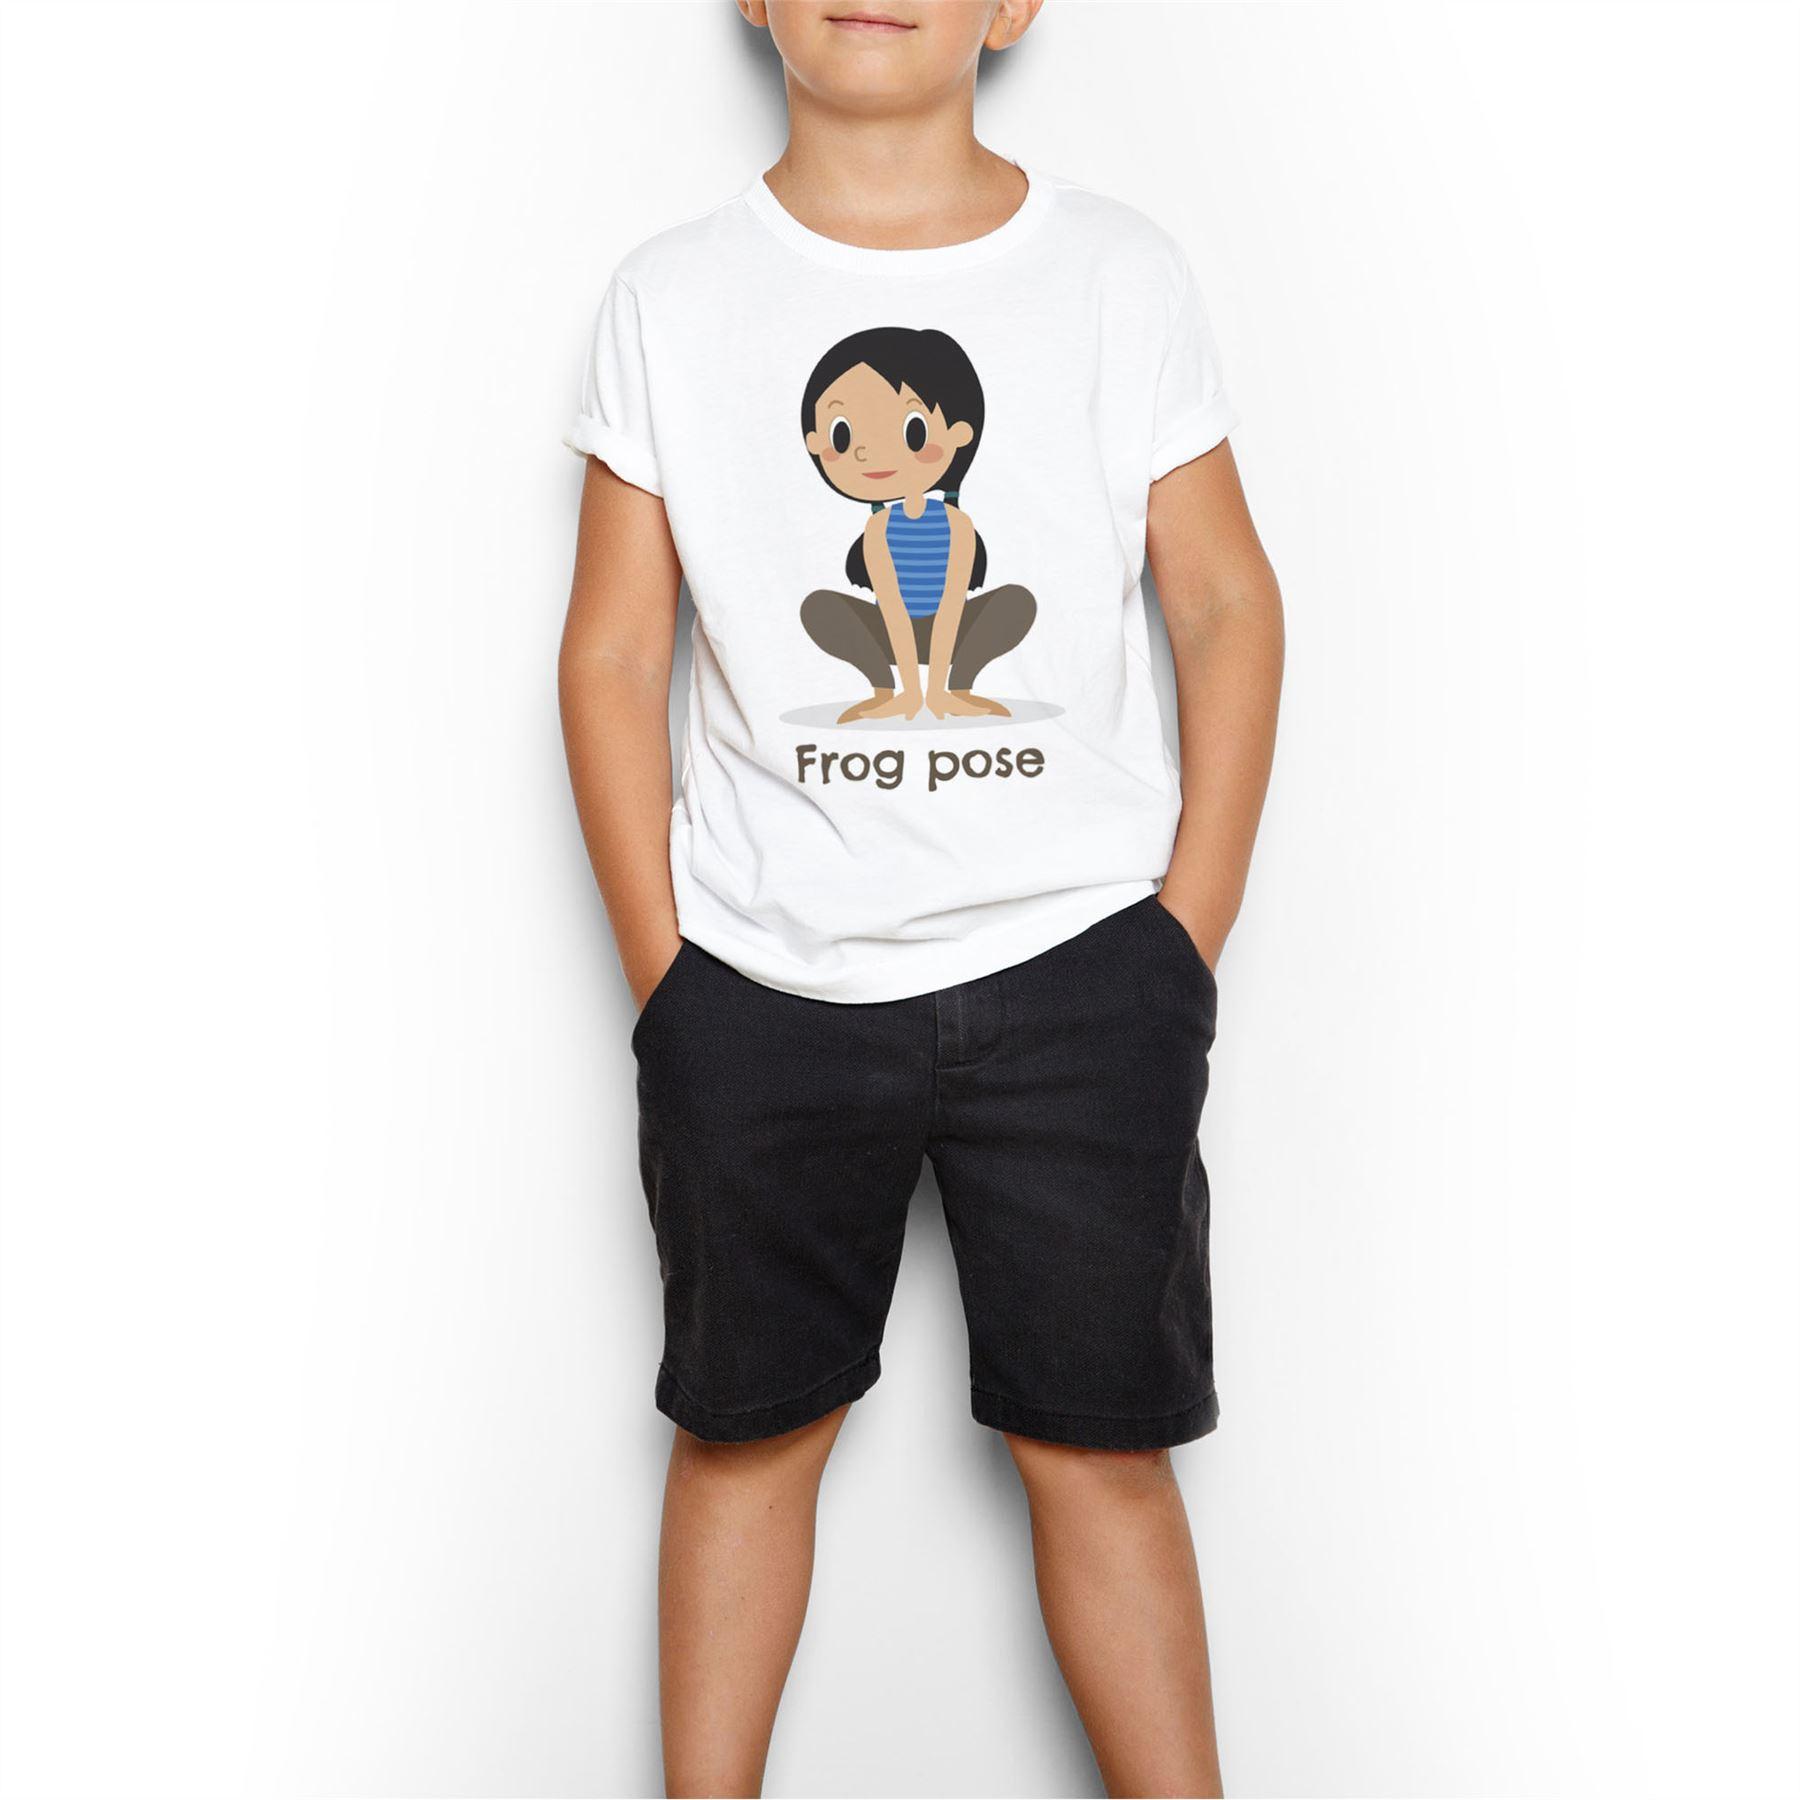 Détails Sur T-Shirt Enfant Yoga Enfant Posture De La Grenouille Asanas  Meditation destiné La Grenouille Meditation